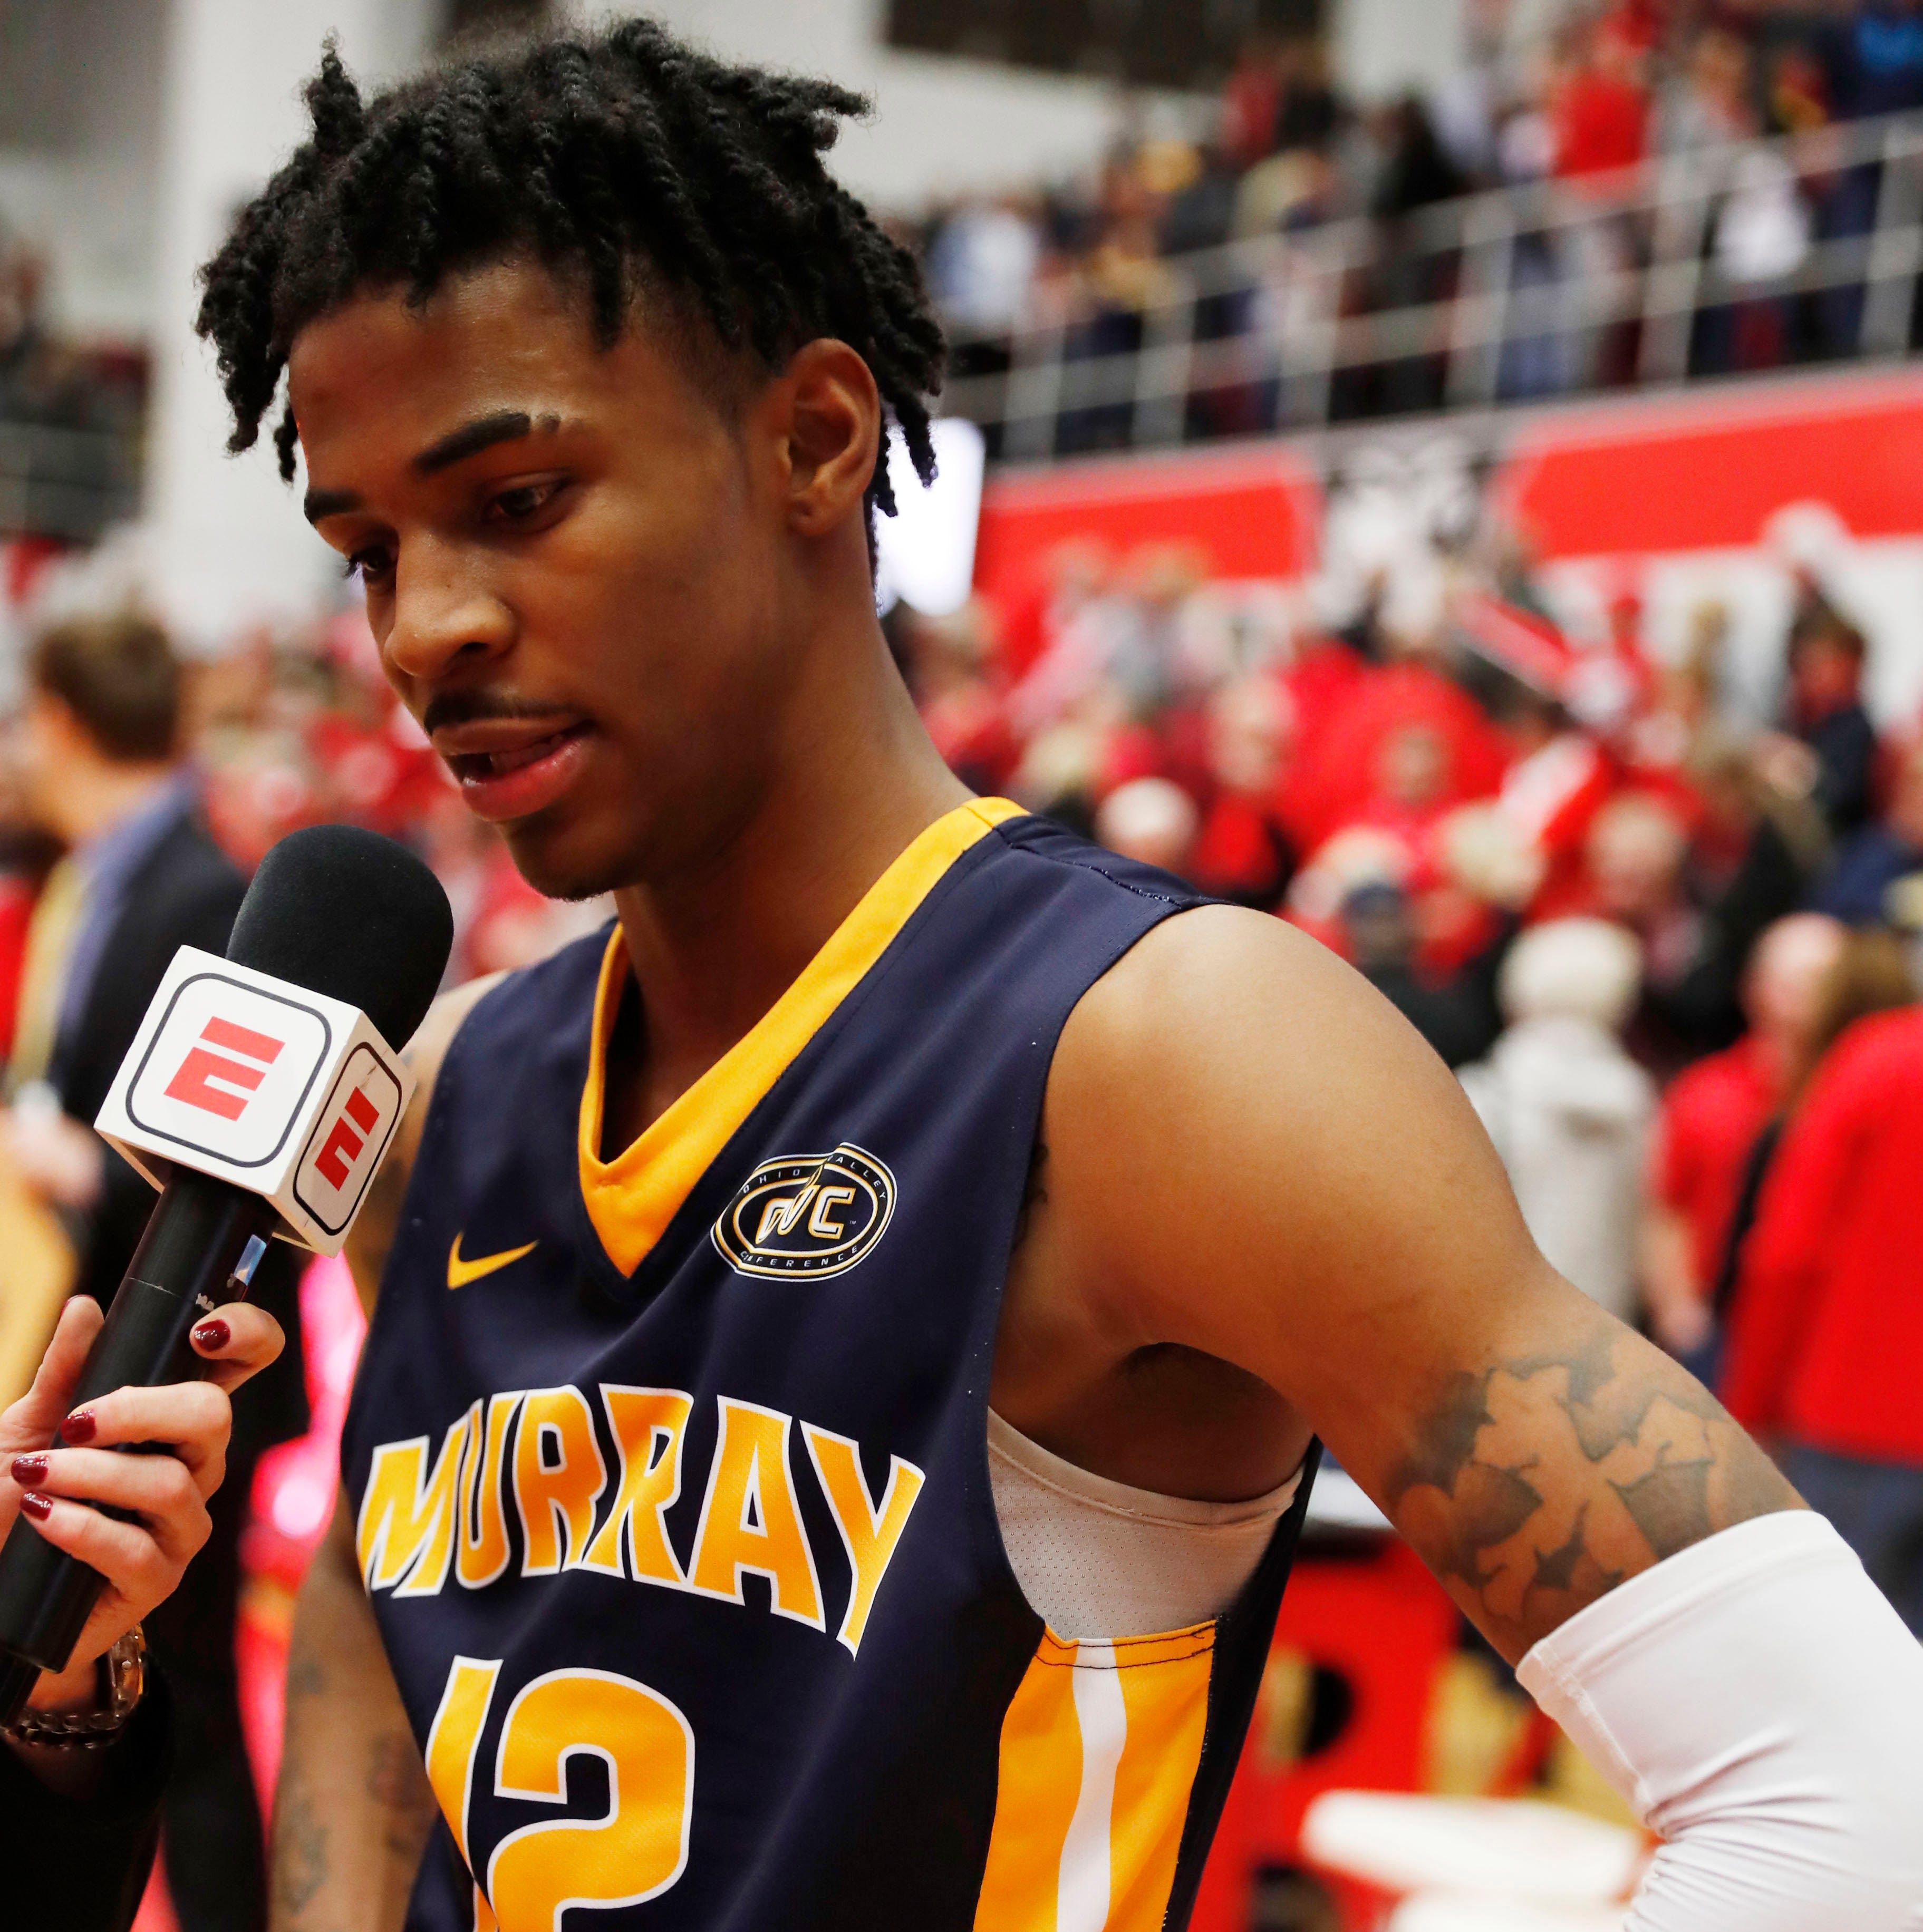 NBA mock draft: Ja Morant may be Phoenix Suns' pick in 2019 NBA draft